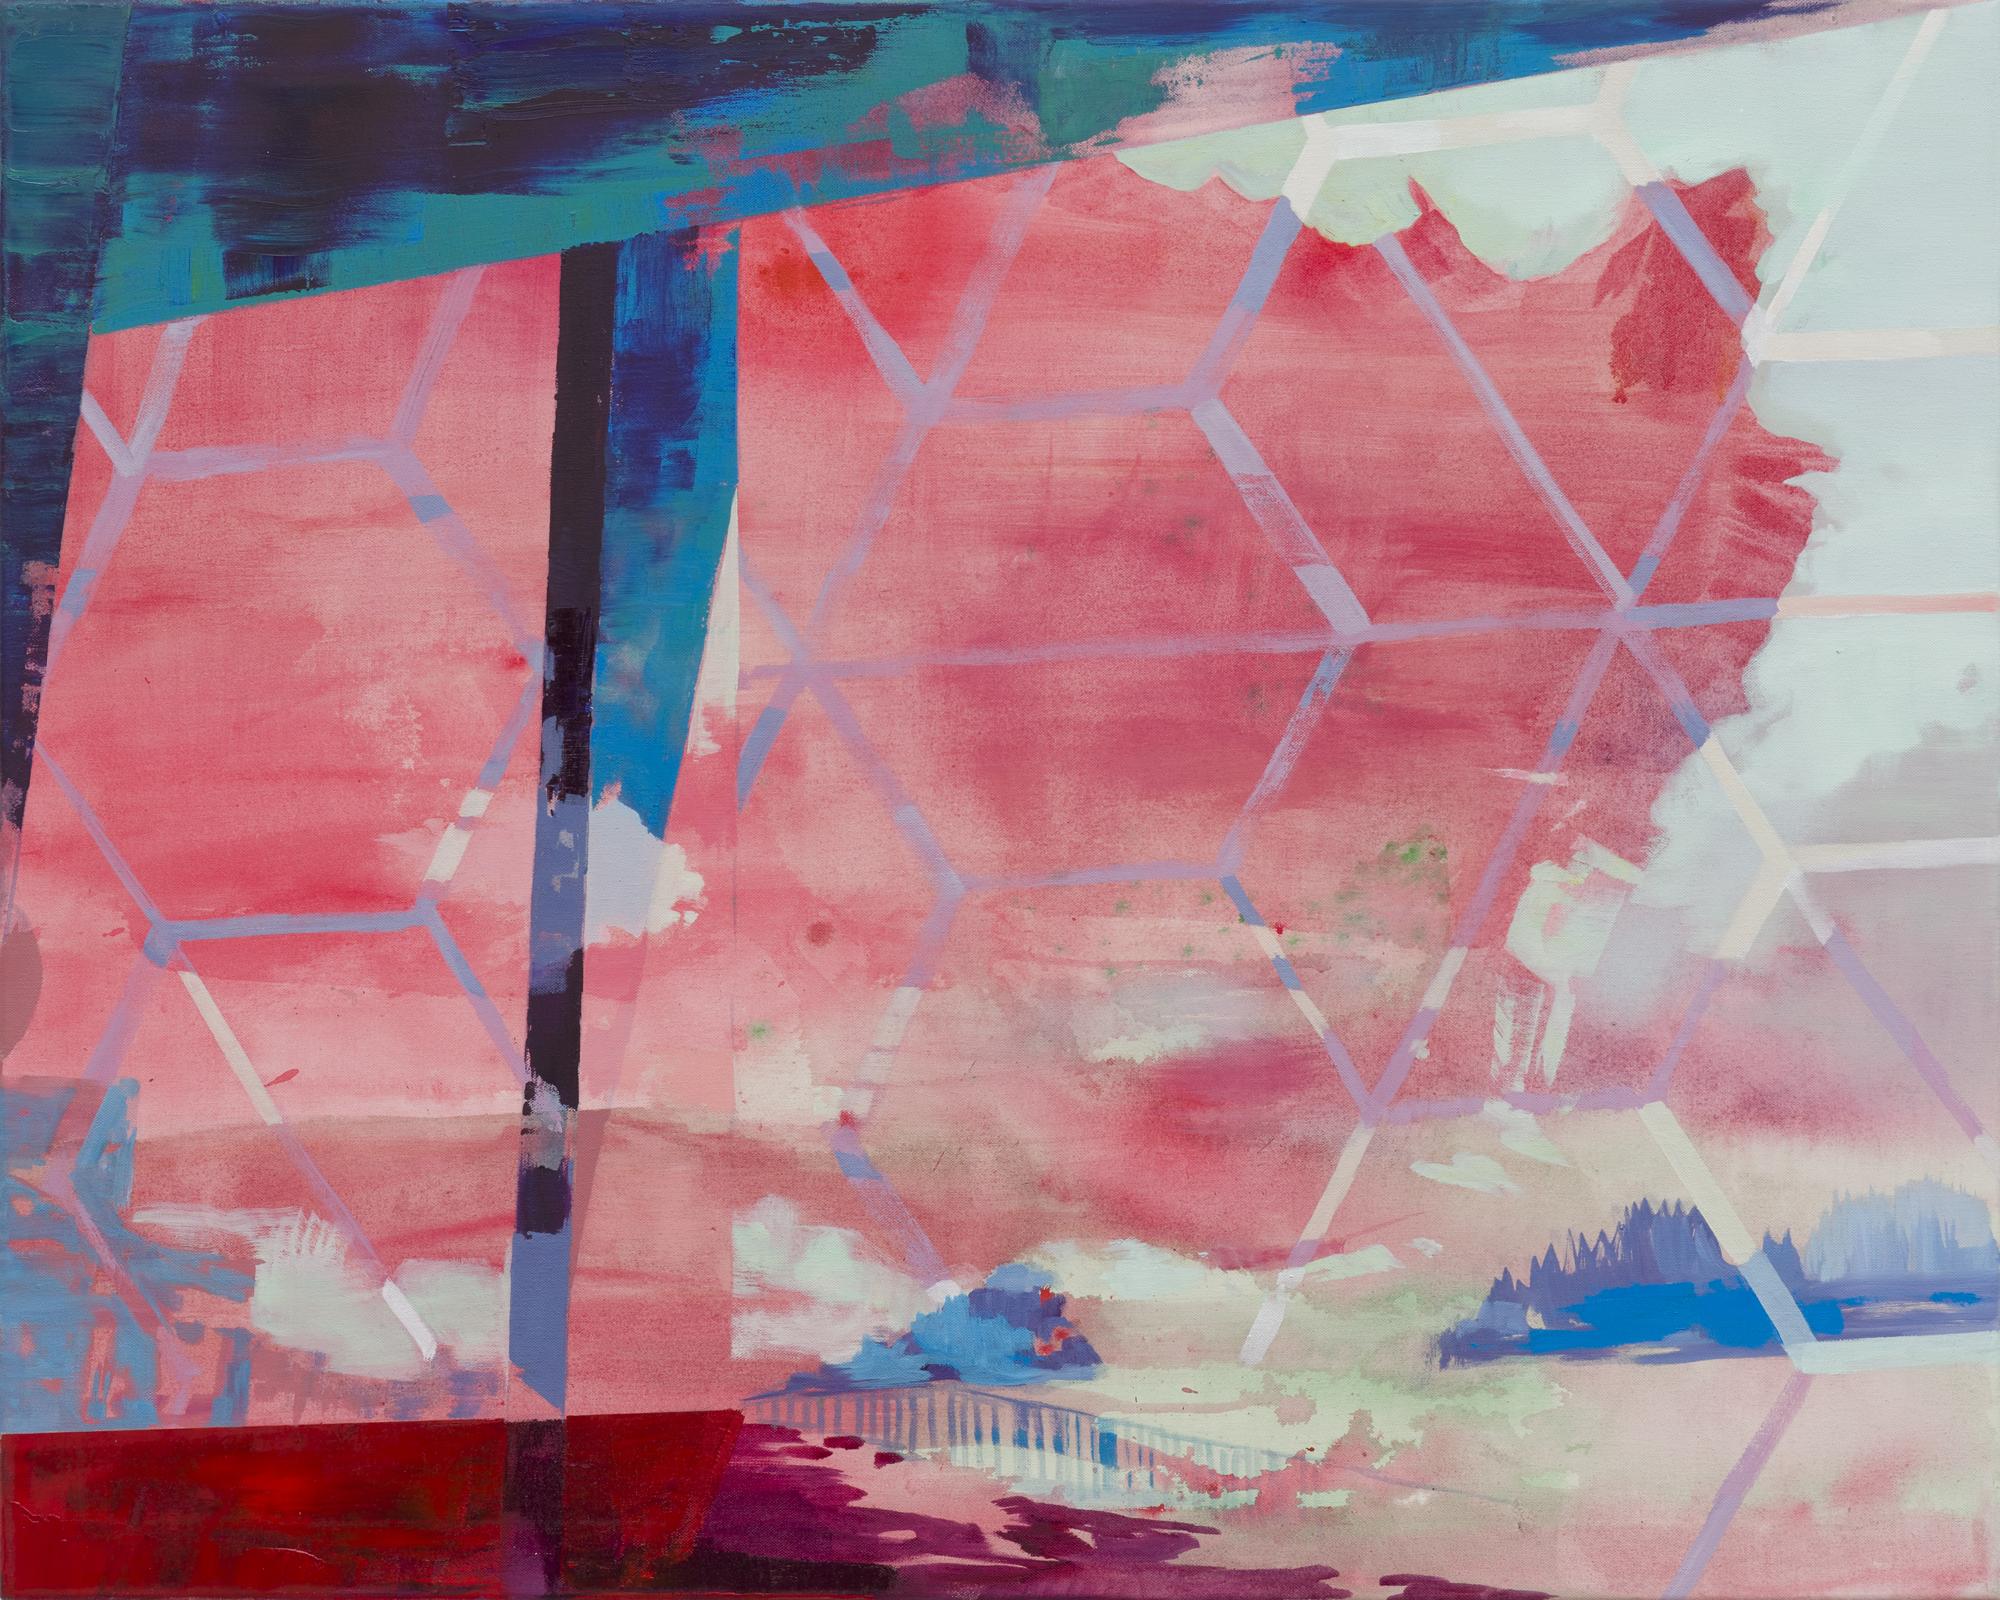 Bleach, 2015, 80 x 100 cm, oil on canvas